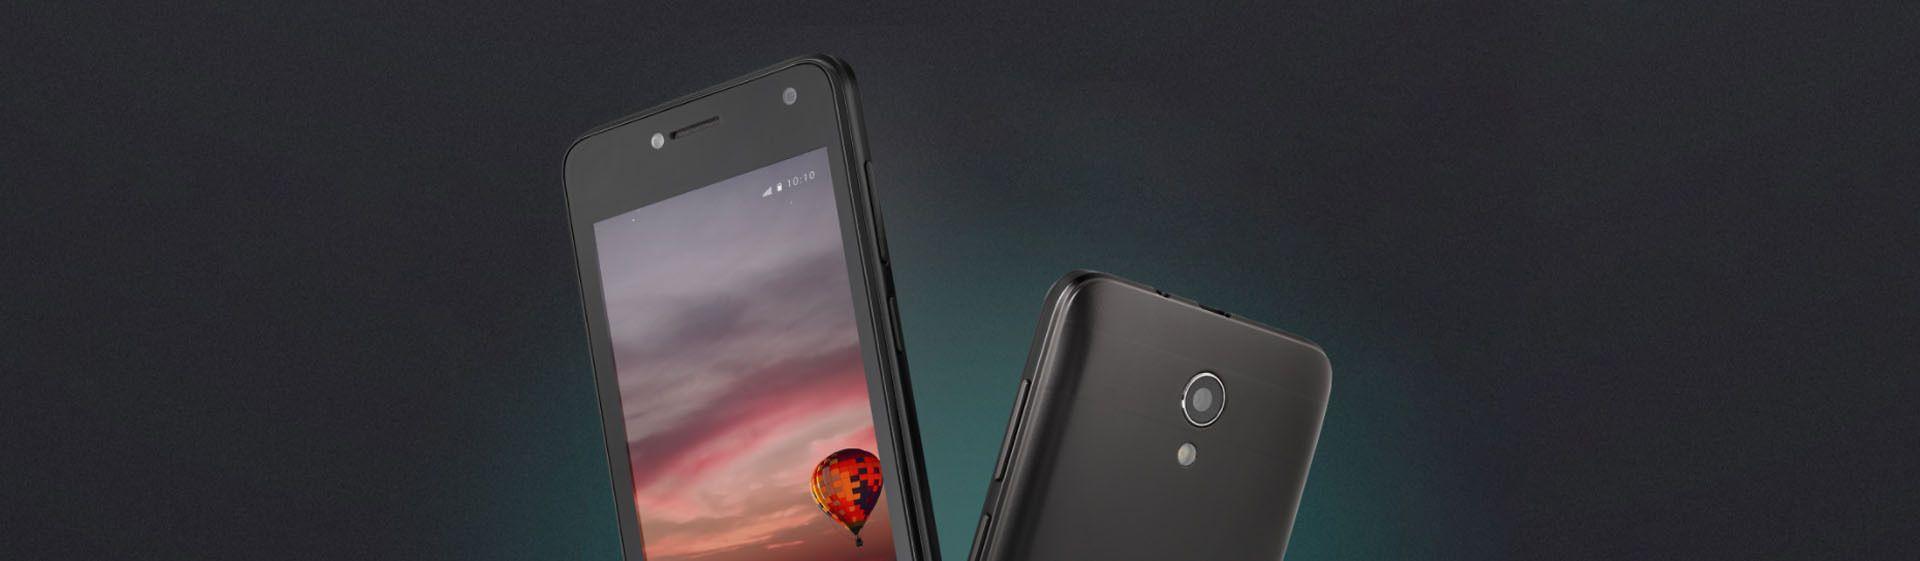 Os 7 melhores celulares por menos de R$500